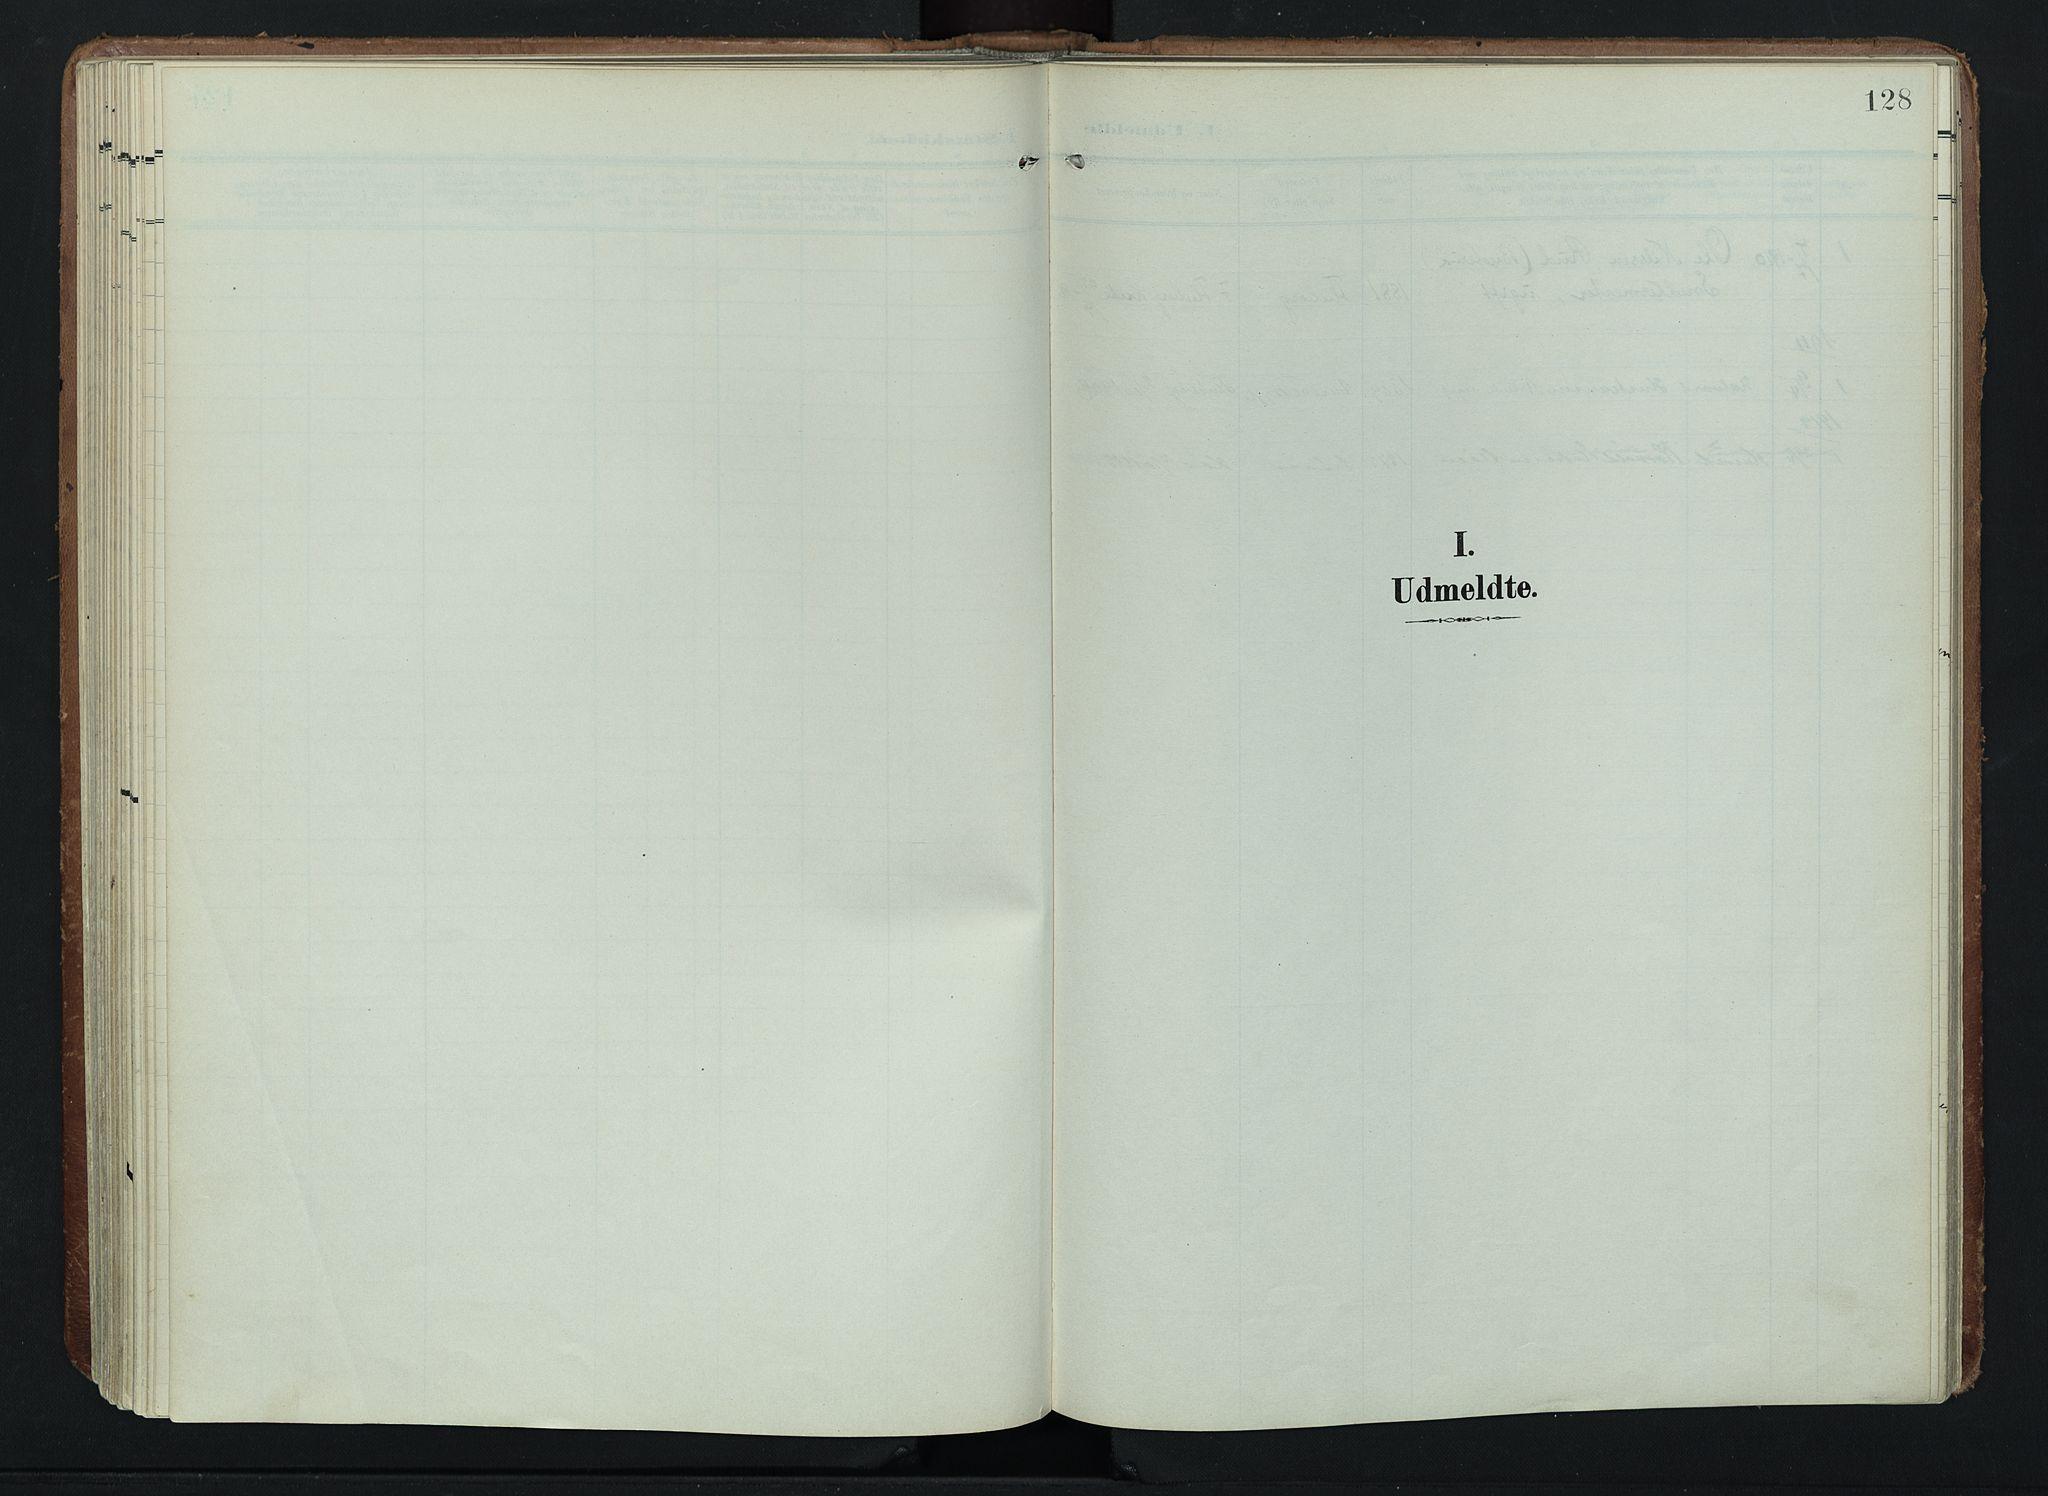 SAH, Søndre Land prestekontor, K/L0005: Ministerialbok nr. 5, 1905-1914, s. 128